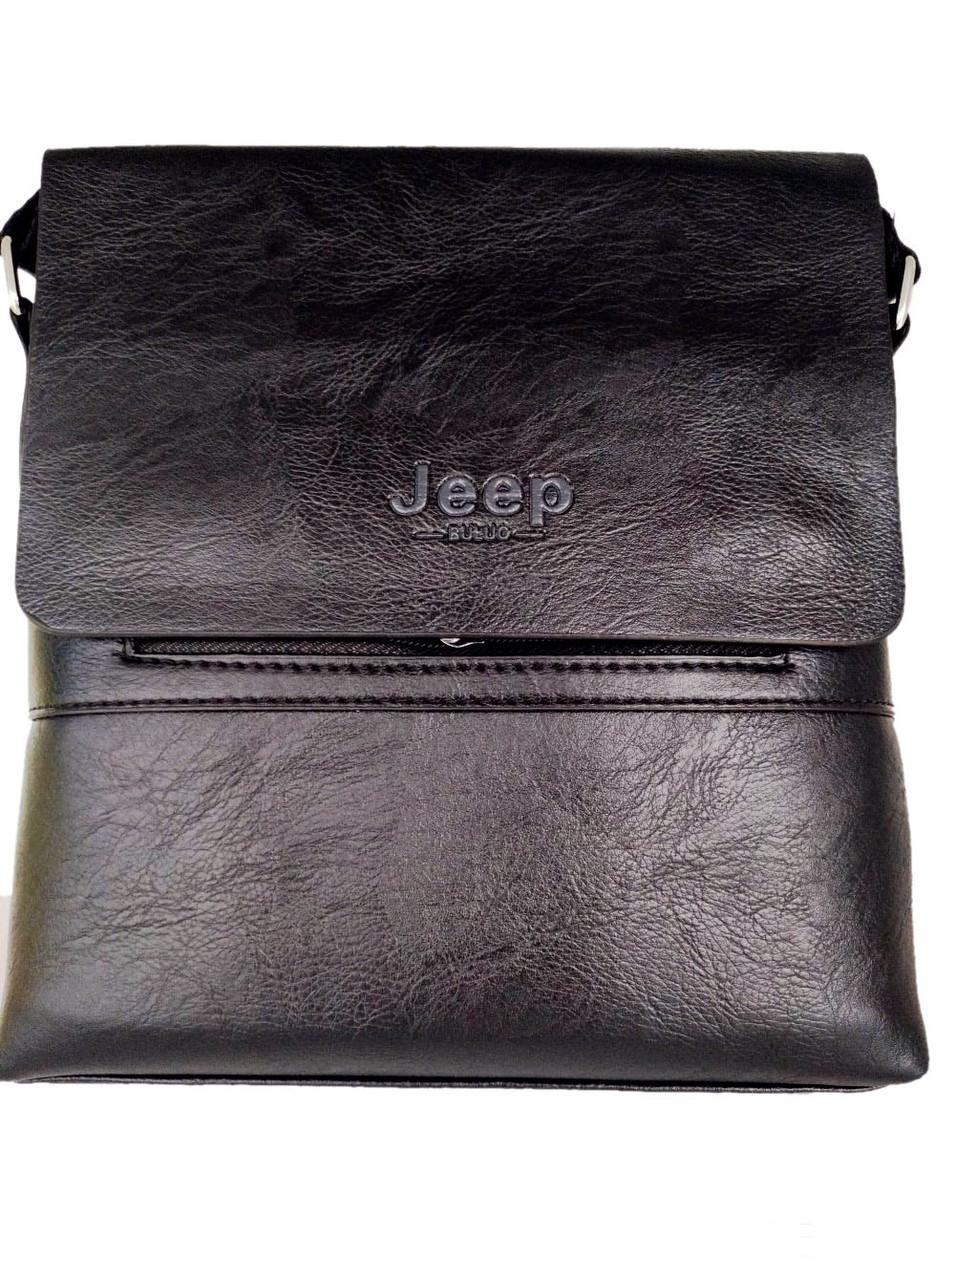 dd26fc450cfd Мужская сумка Jeep Buluo 9008 ЧЕРНАЯ купить в Киеве с доставкой